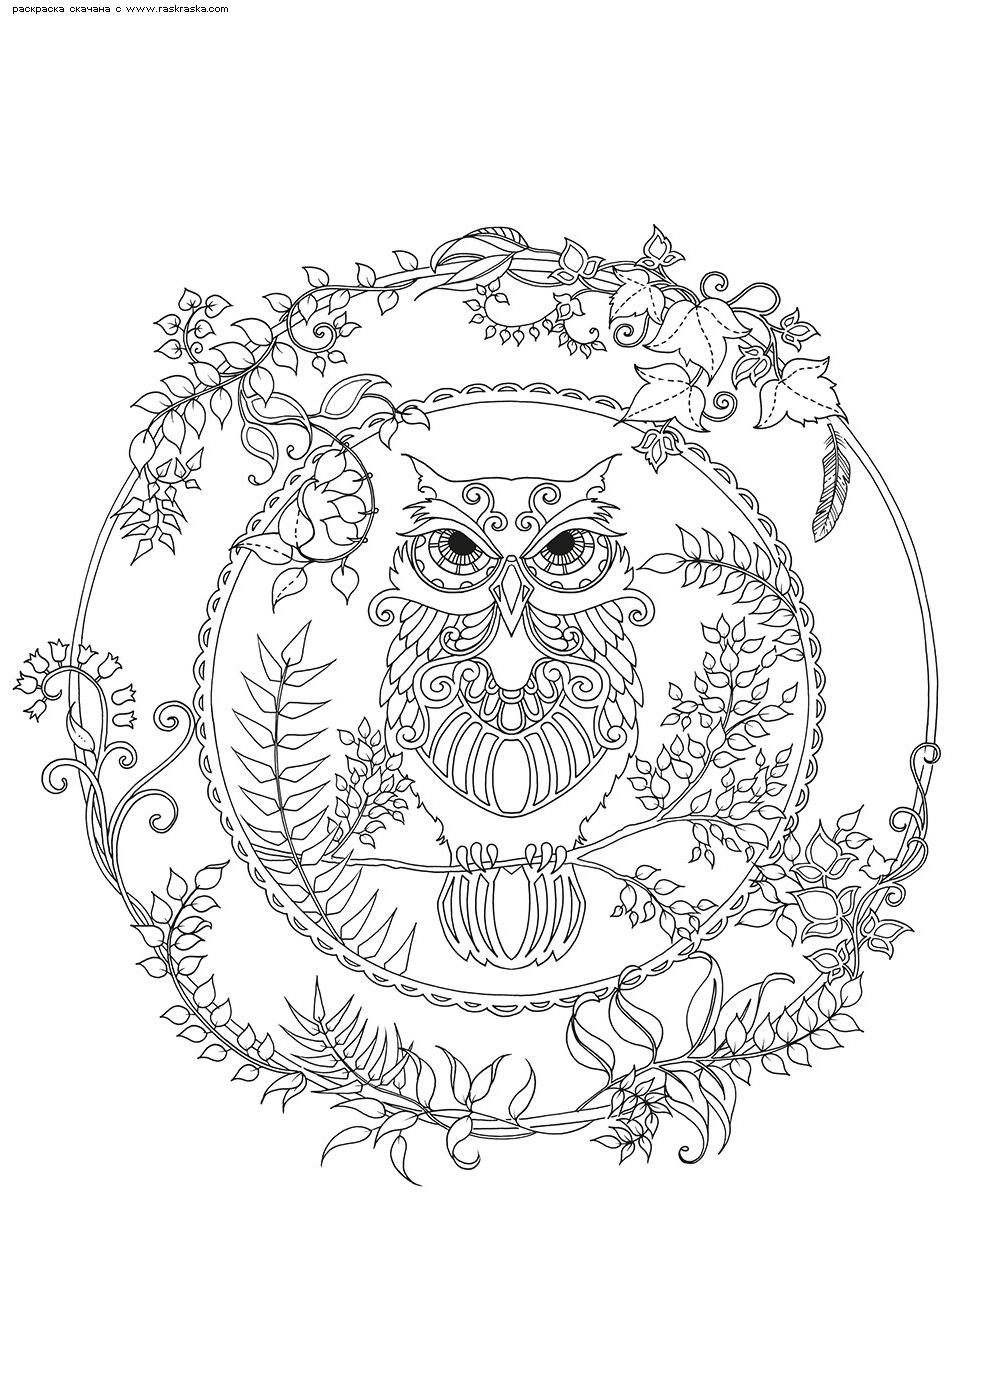 Раскраска Сова мандала | Раскраски антистресс Совы ...